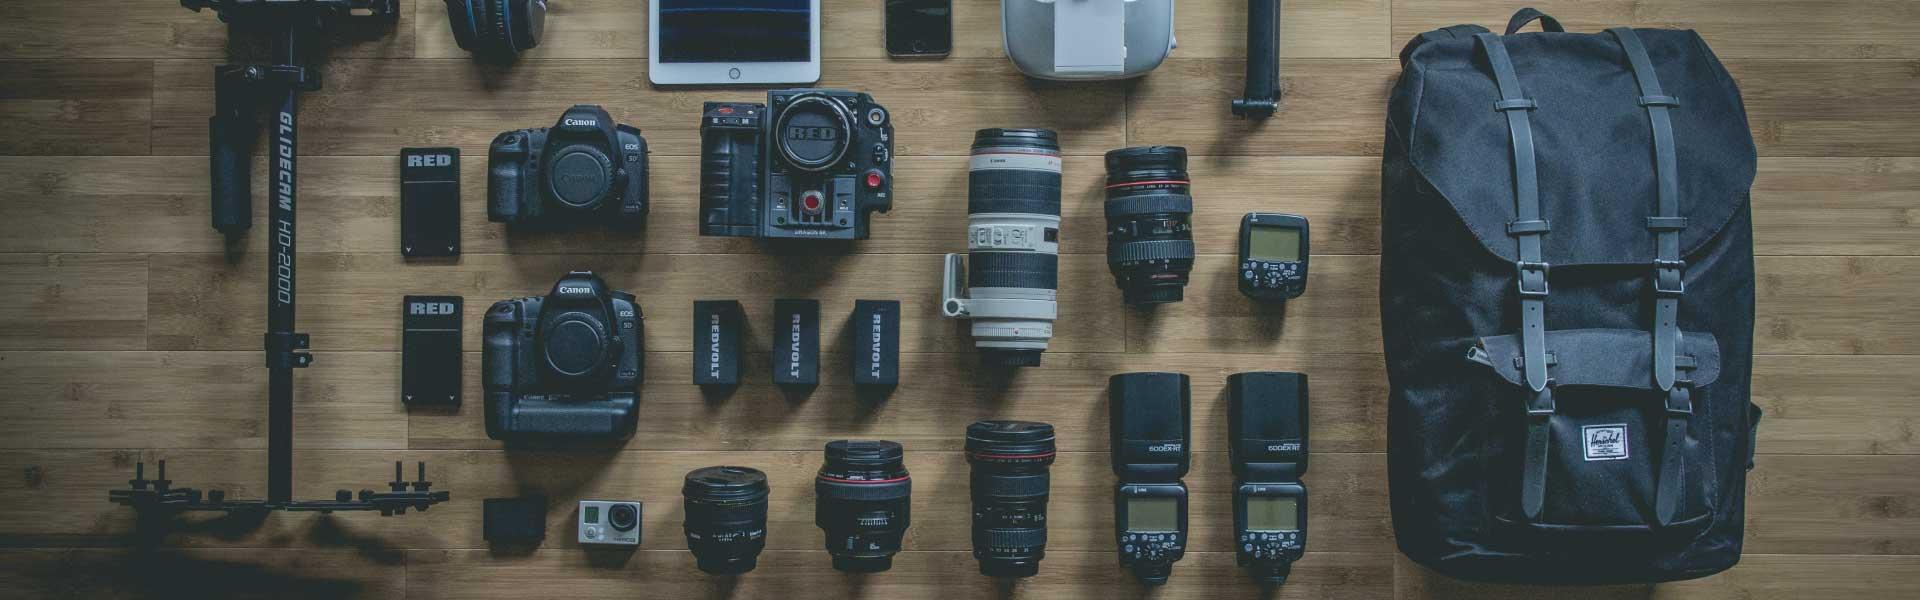 attrezzature-per-foto-prodotti-da-e-commerce